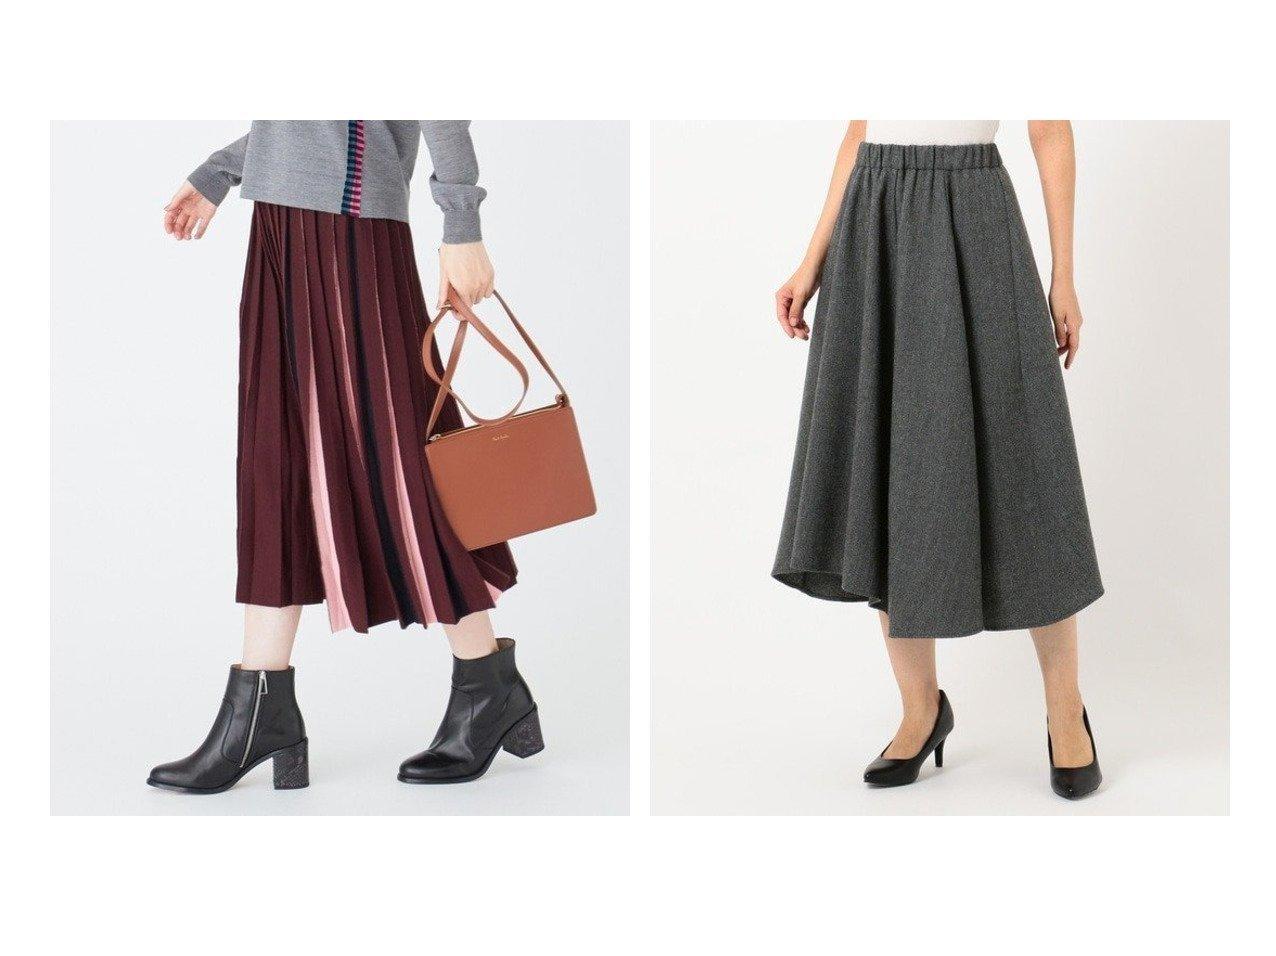 【Paul Smith/ポール スミス】の【洗える!】コントラストカラーニット スカート&【any FAM/エニィファム】のへリンボンイレヘム スカート スカートのおすすめ!人気、レディースファッションの通販 おすすめで人気のファッション通販商品 インテリア・家具・キッズファッション・メンズファッション・レディースファッション・服の通販 founy(ファニー) https://founy.com/ ファッション Fashion レディース WOMEN スカート Skirt カラフル プリーツ イレギュラーヘム ギャザー ショート ジャケット ダウン |ID:crp329100000004891